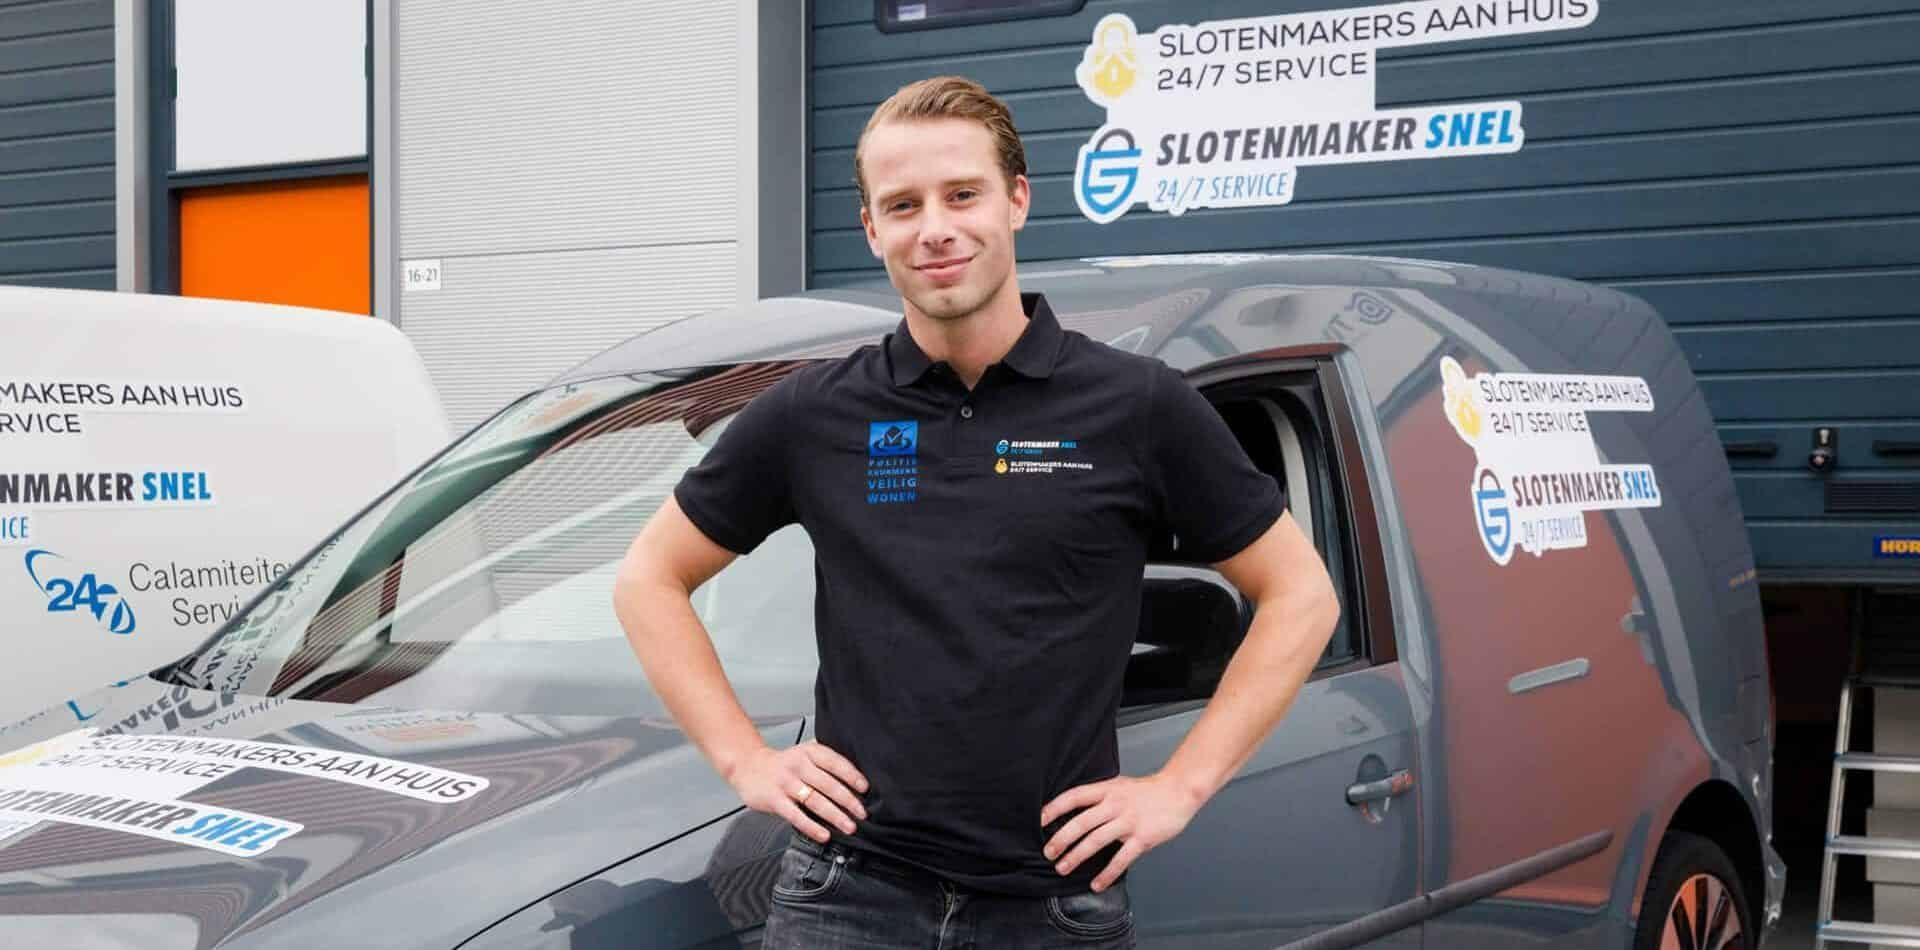 Slotenmaker Heusden (6)